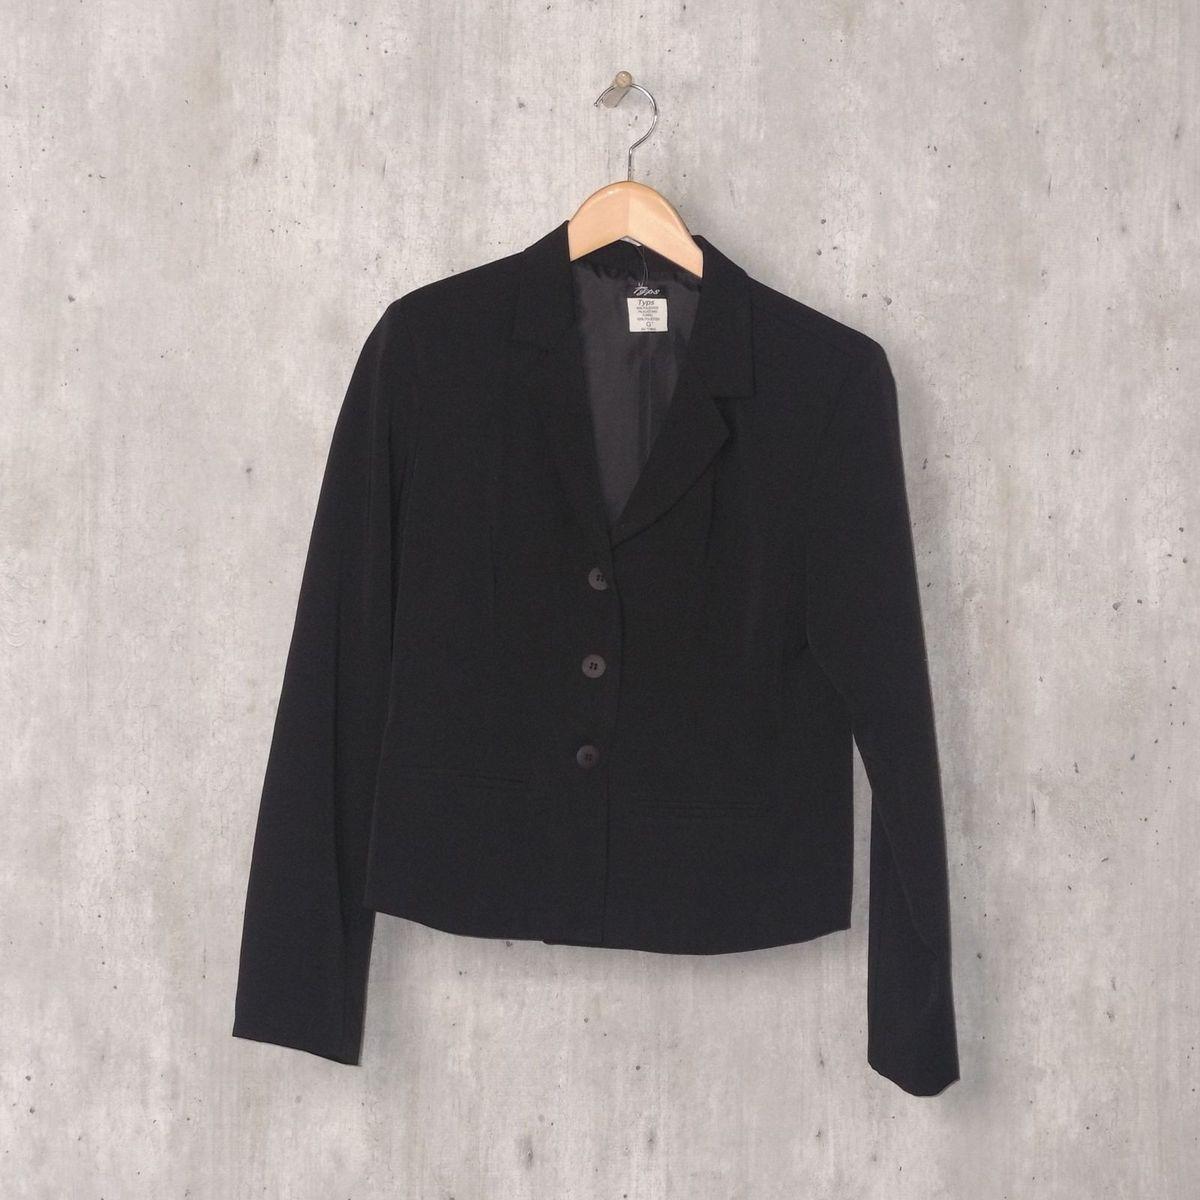 c2fa385e9c blazer preto social - casaquinhos typs.  Czm6ly9wag90b3muzw5qb2vplmnvbs5ici9wcm9kdwn0cy83mzk0mtqxlzmynzeynjm5n2m4zmnjmdhhmjzhnwu0mtzhmgixotzmlmpwzw